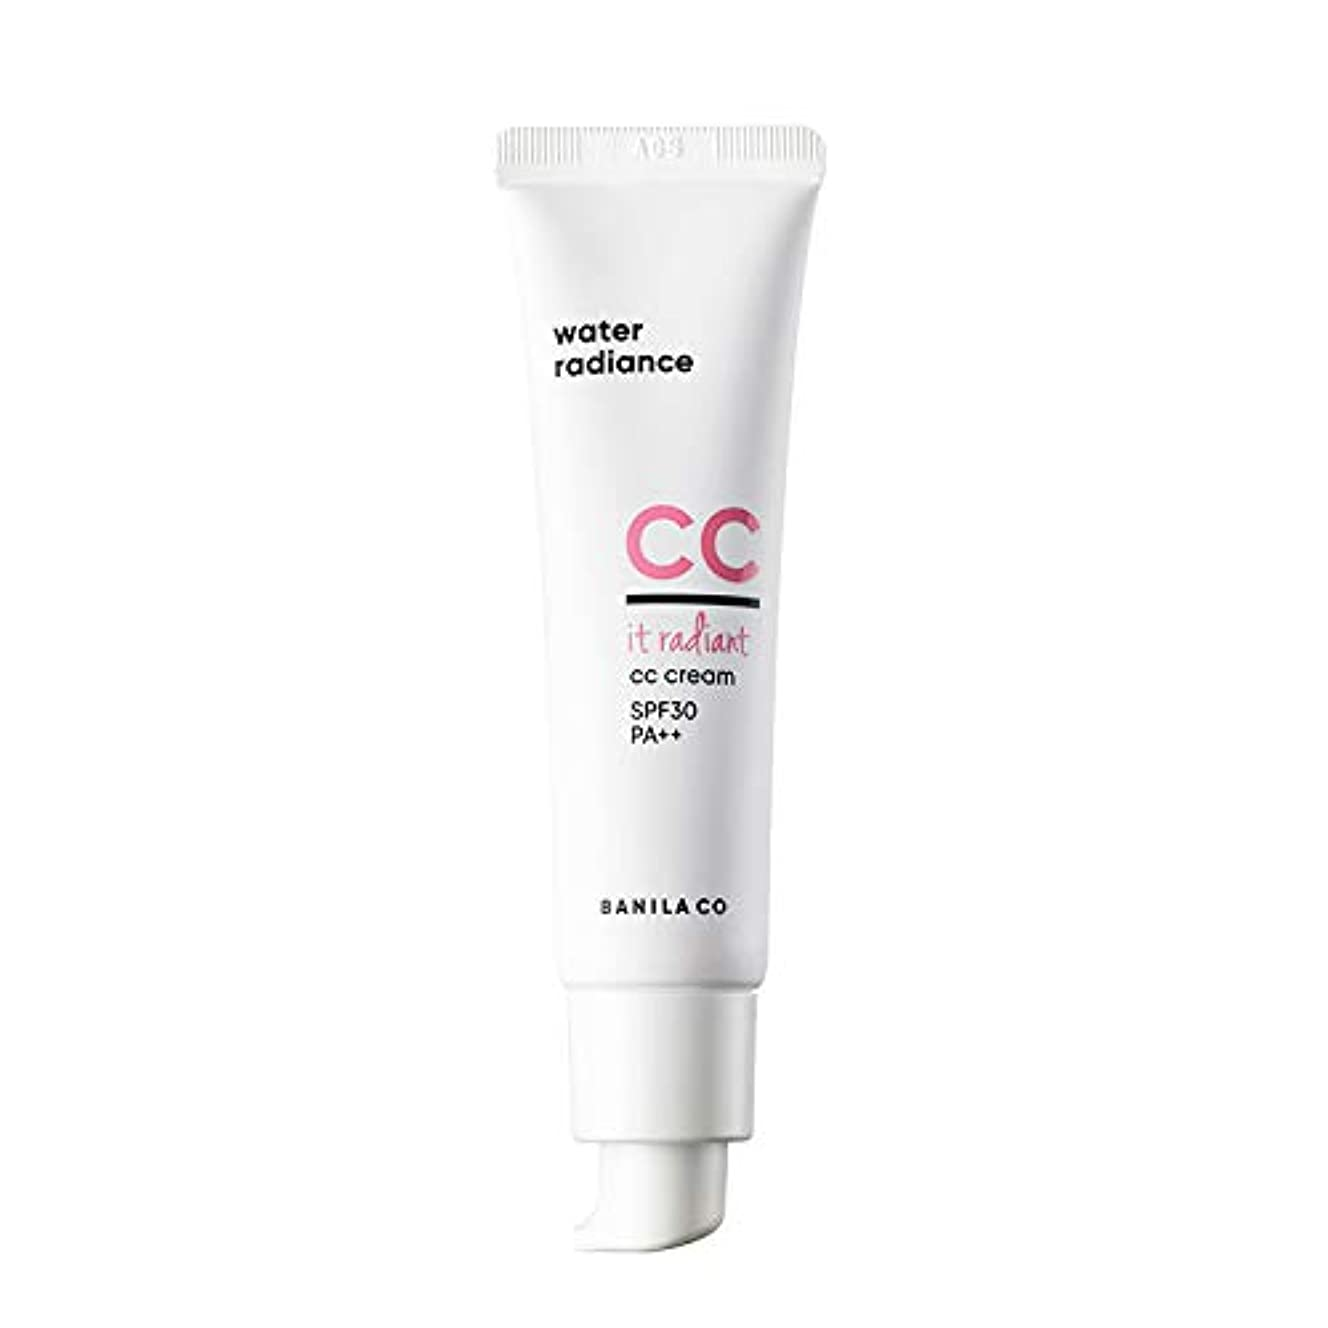 融合したいリットルBANILA CO(バニラコ) イットレディアント ccクリーム It Radiant CC Cream